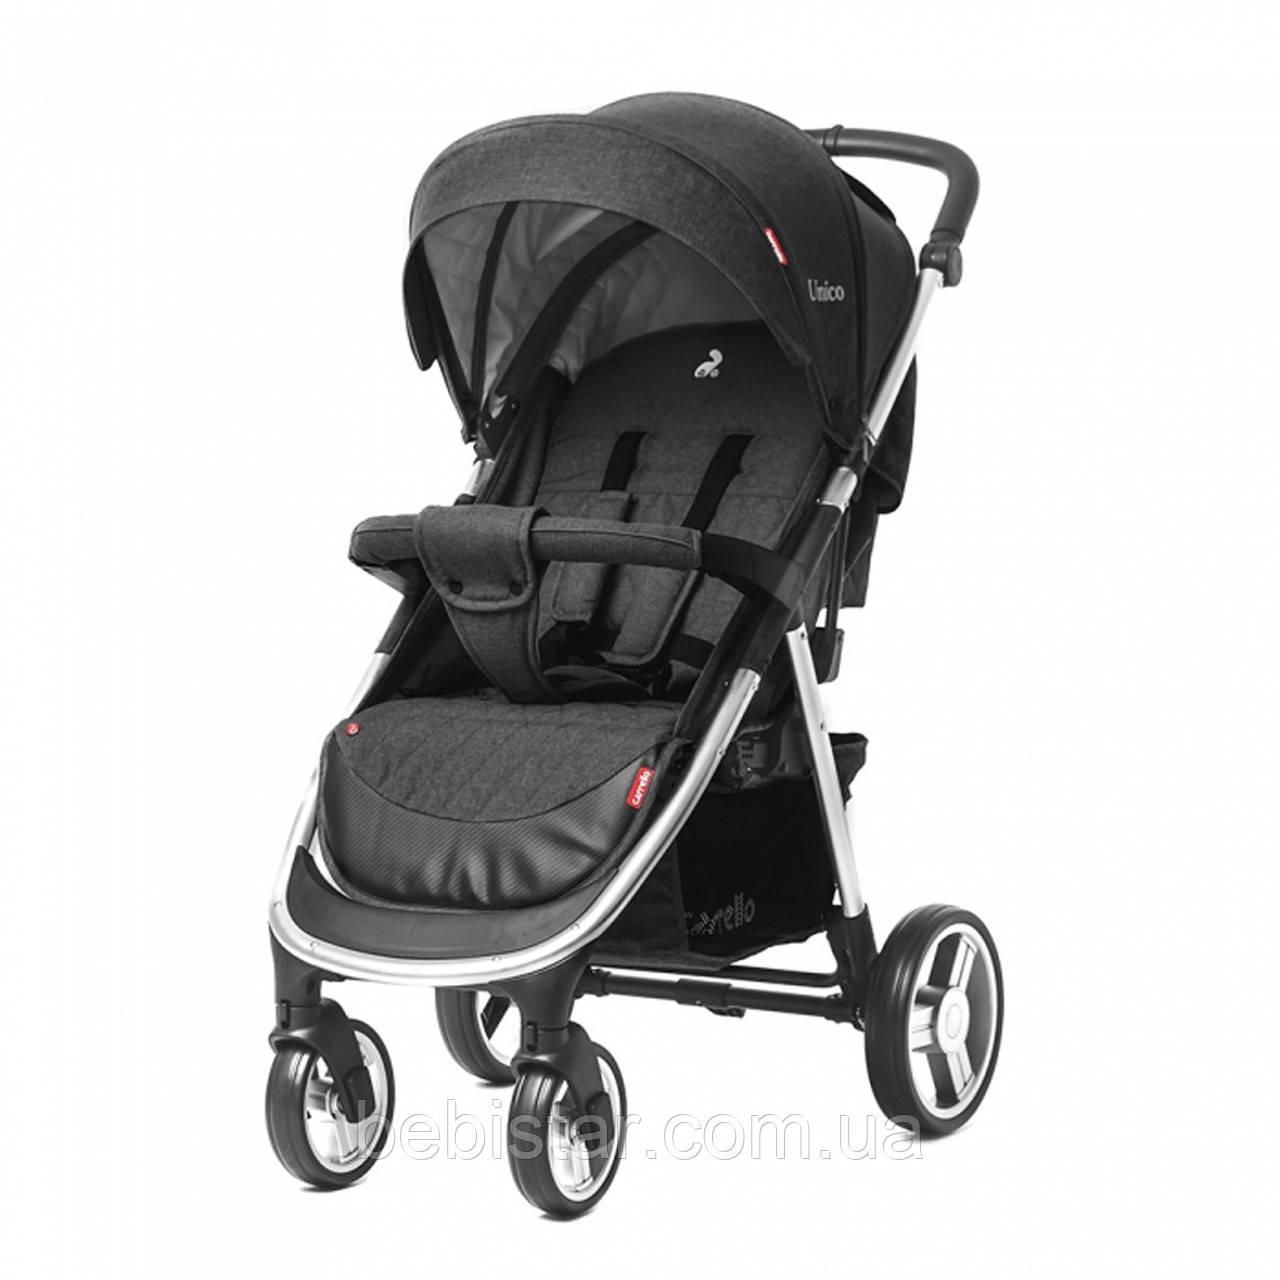 Детская прогулочная коляска цвет темно-серый CARRELLO Unico CRL-8507 Frost Gray с дождевиком